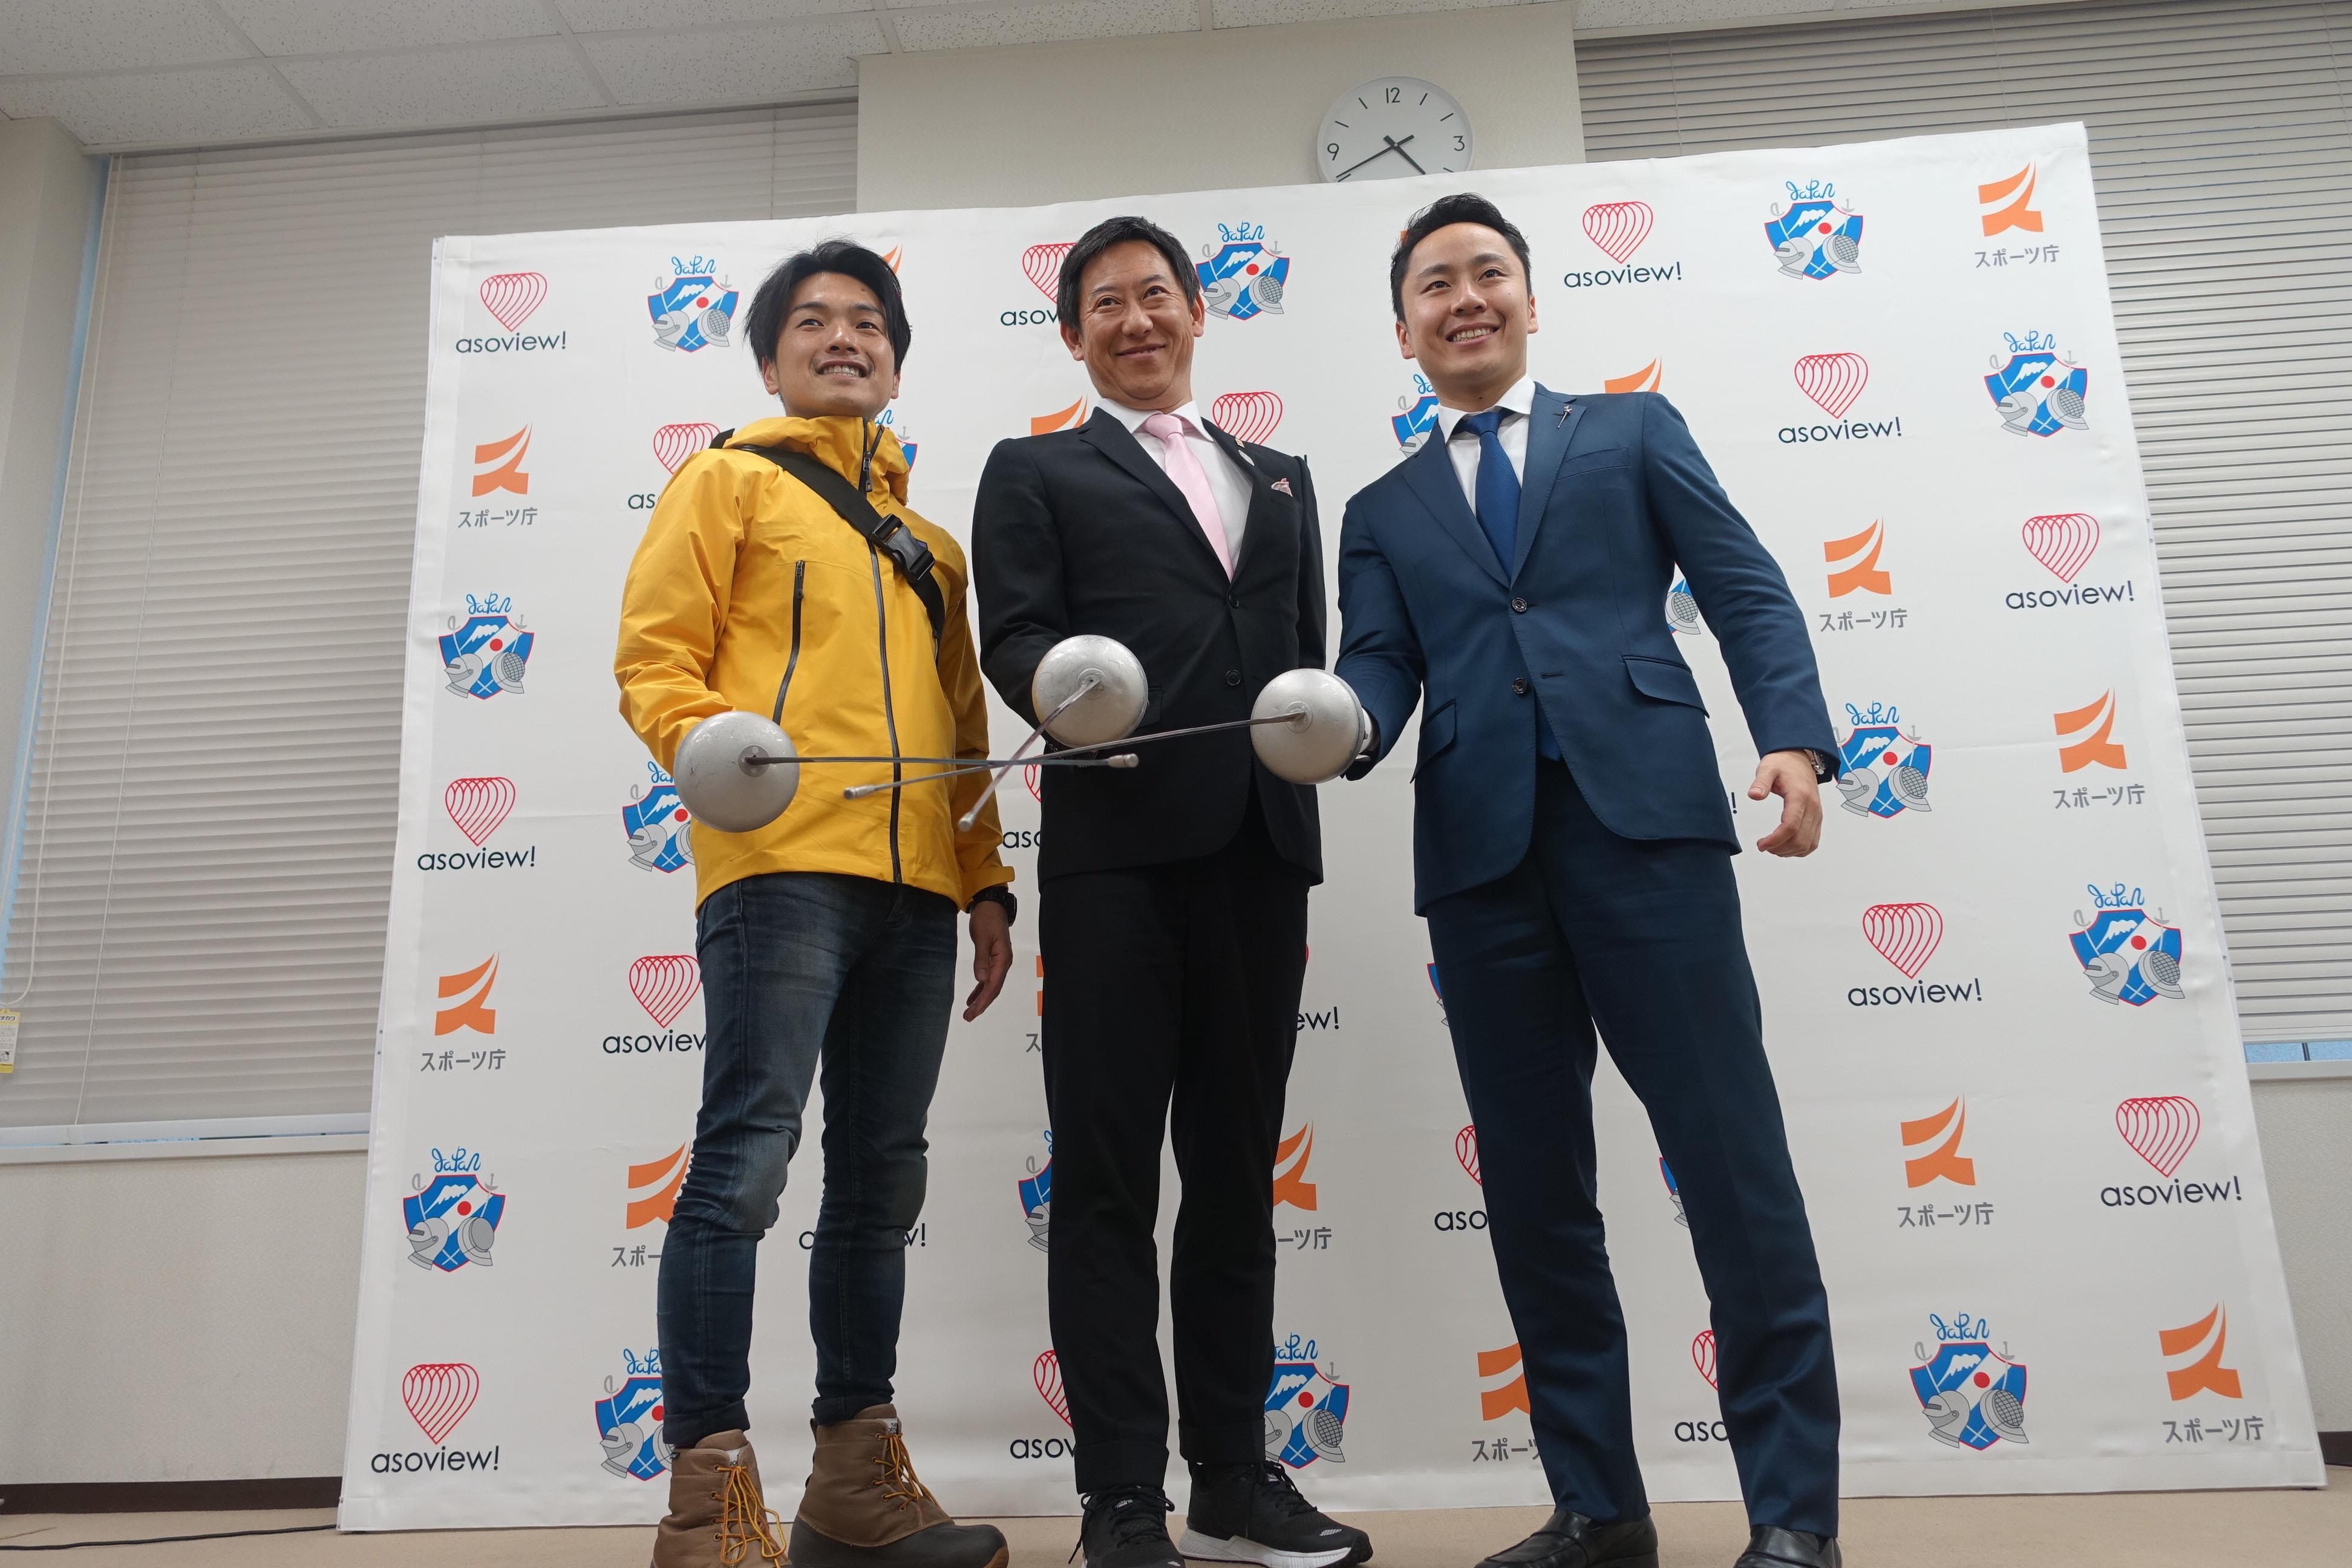 タビナカ予約「アソビュー」がスポーツ体験に注力、日本フェンシング協会と協業、スポーツ庁の推進事業で「レジャー化」へ